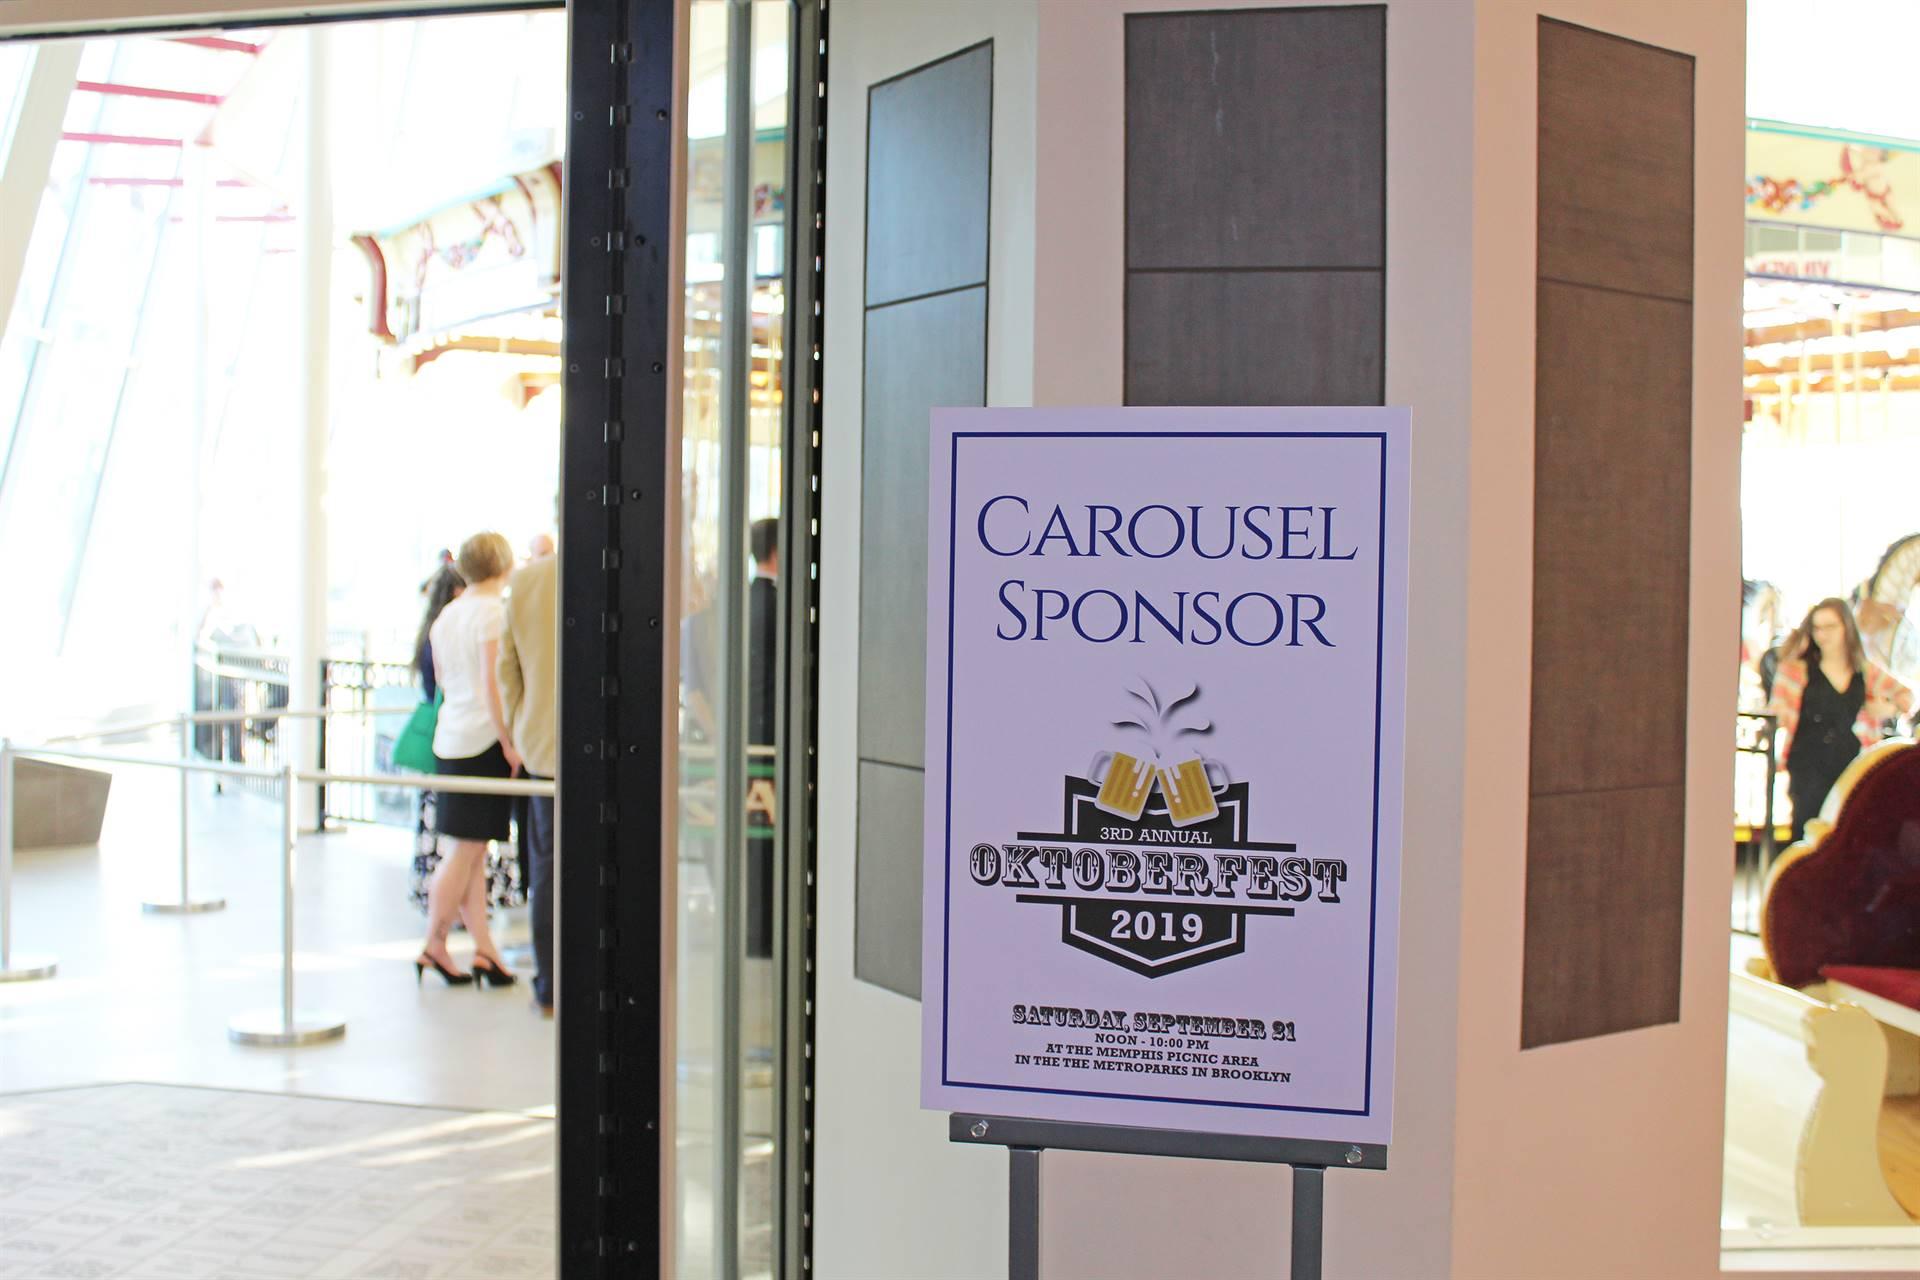 Carousel-Sponsor-Oktoberfest